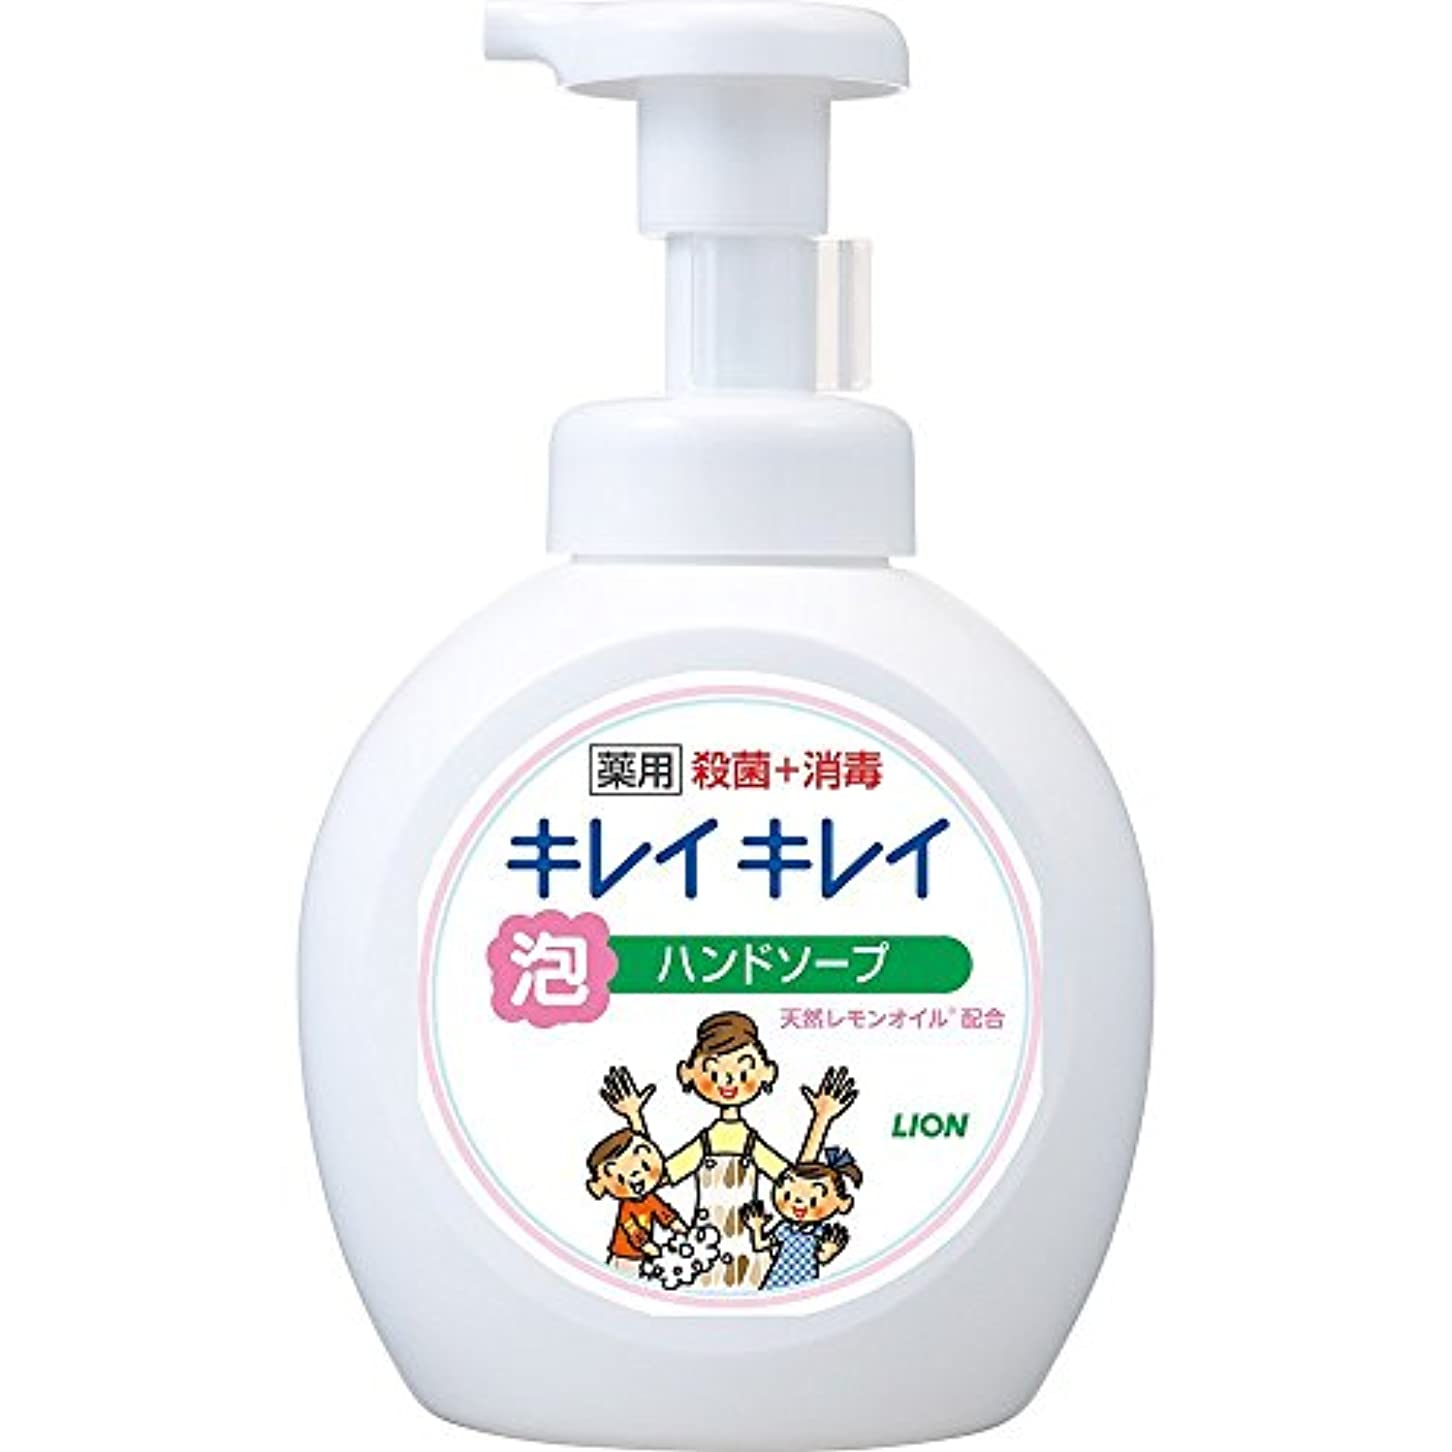 好色なおめでとうトラックキレイキレイ 薬用 泡ハンドソープ シトラスフルーティの香り 本体ポンプ 大型サイズ 500ml(医薬部外品)